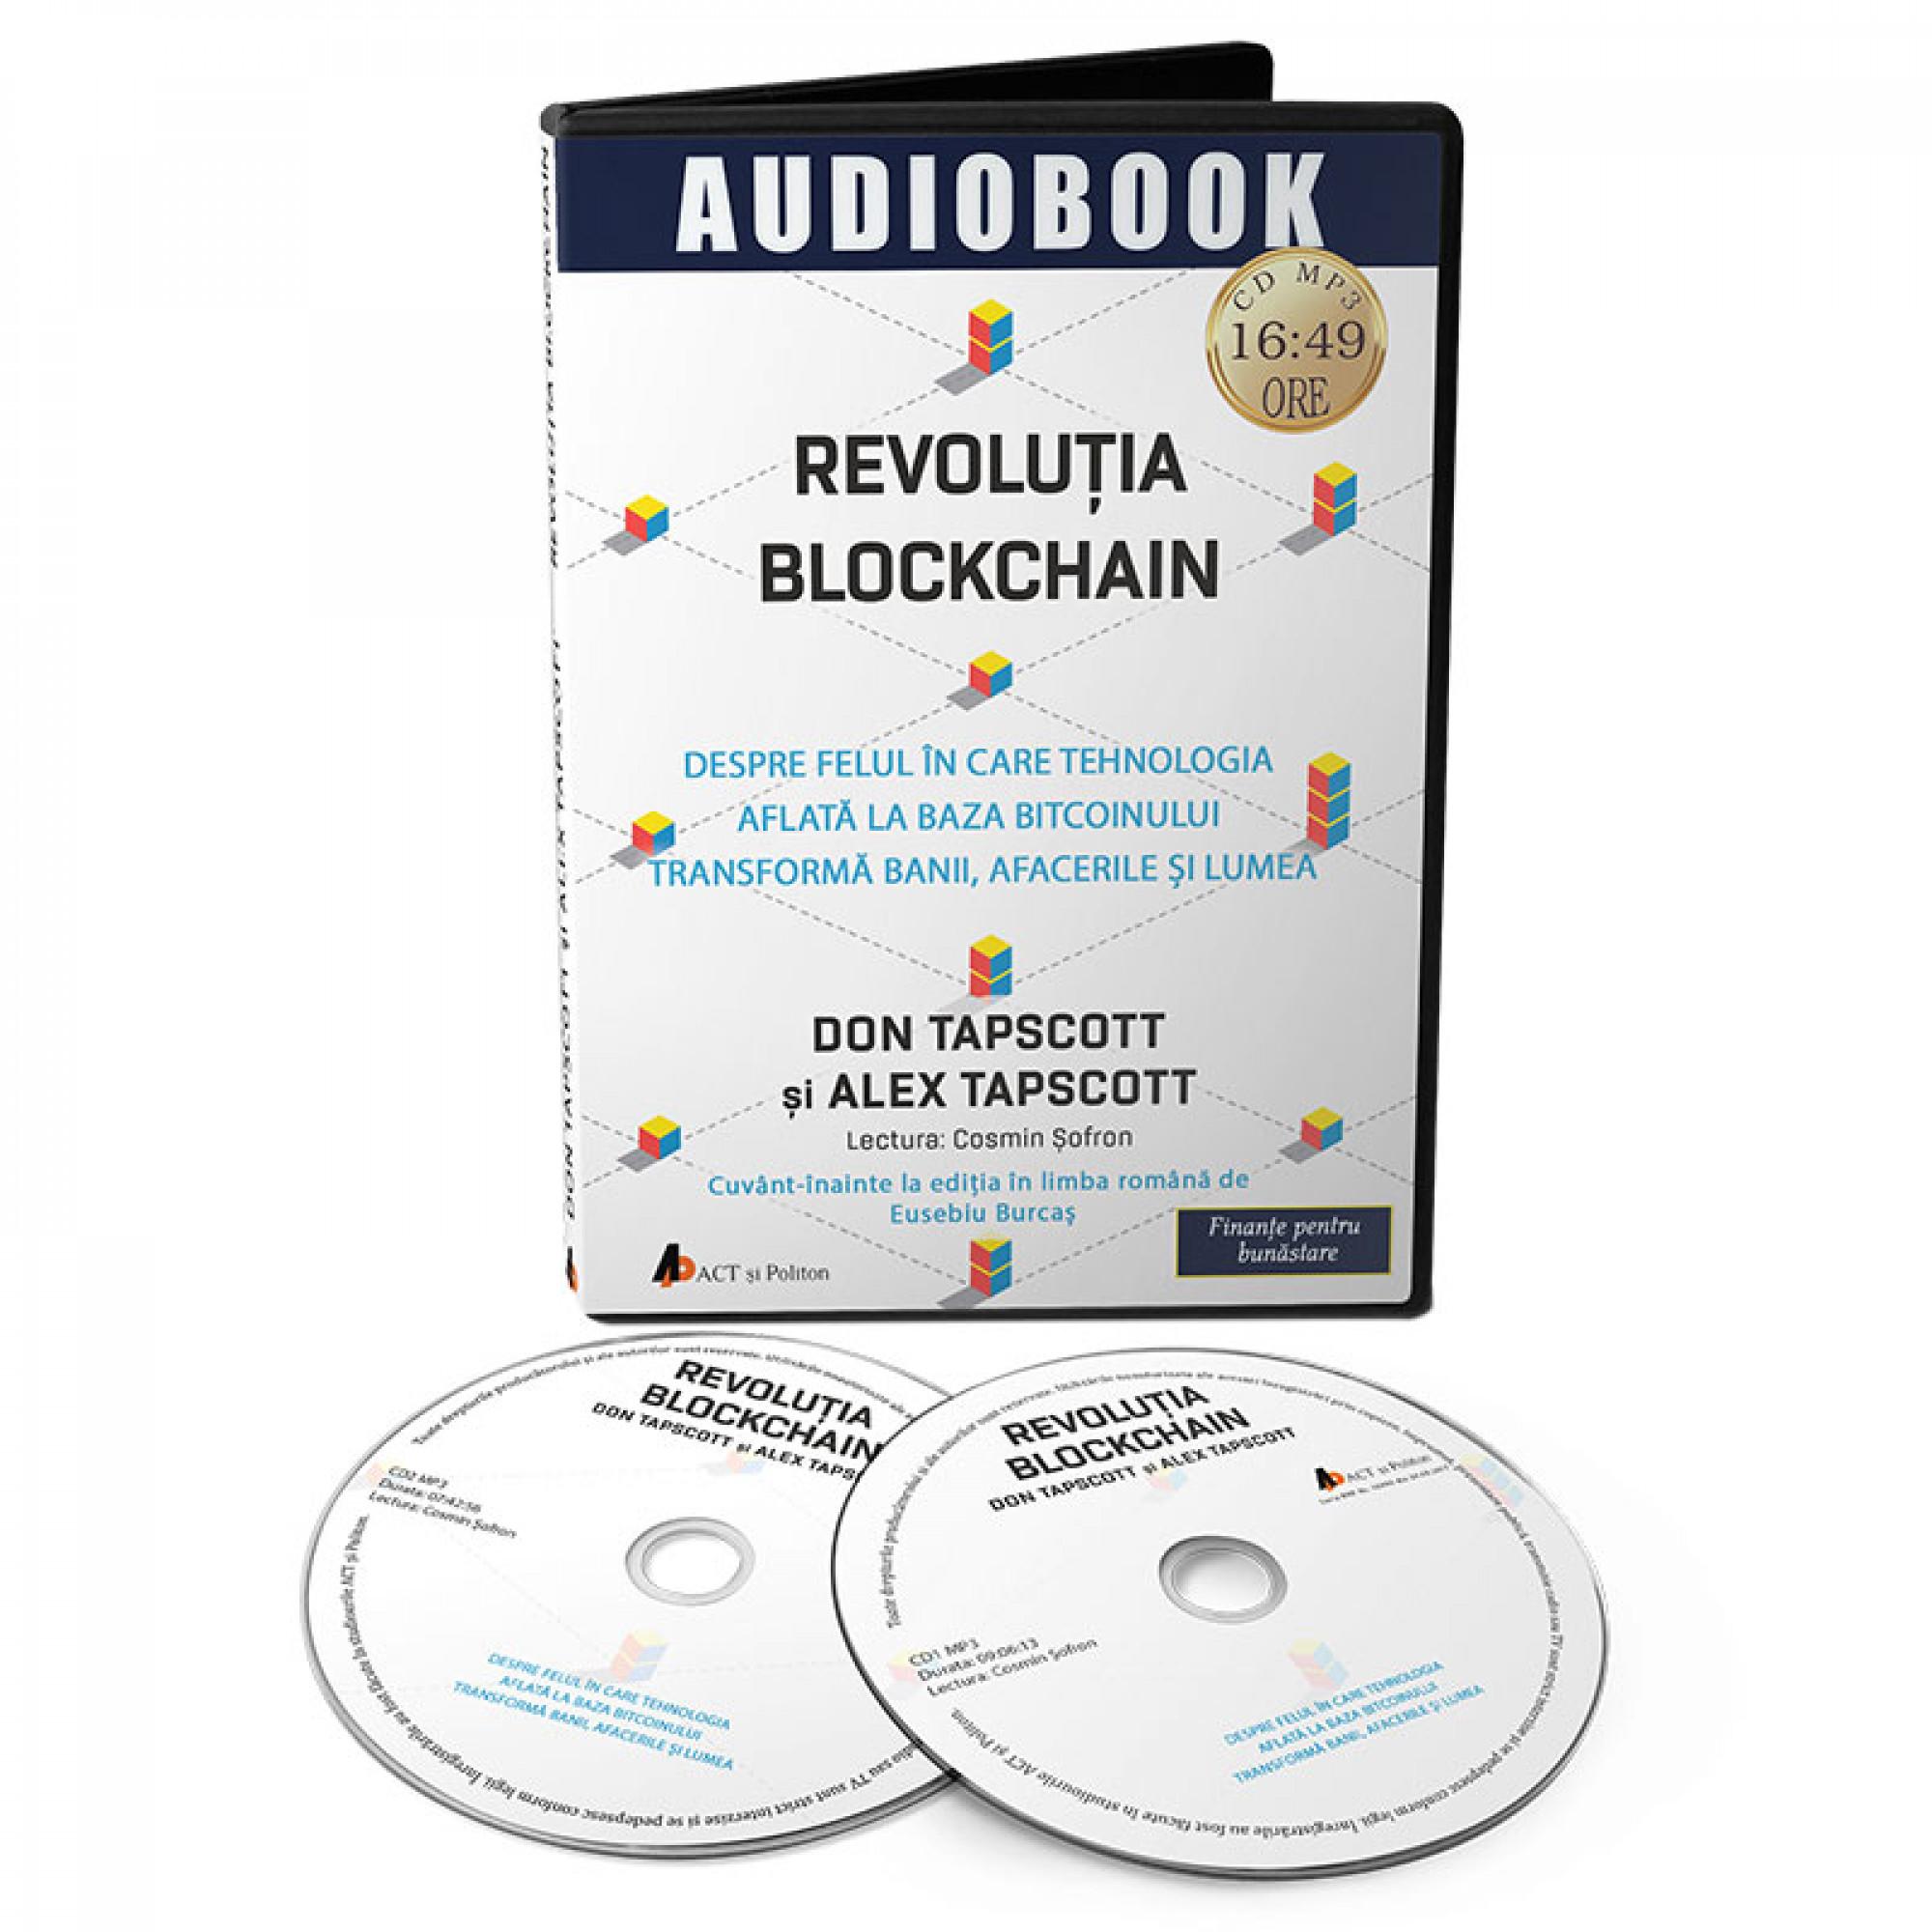 Revoluția Blockchain. Despre felul în care tehnologia aflată la baza bitcoinului transformă banii, afacerile și lumea; Don Tapscott, Alex Tapscott -a